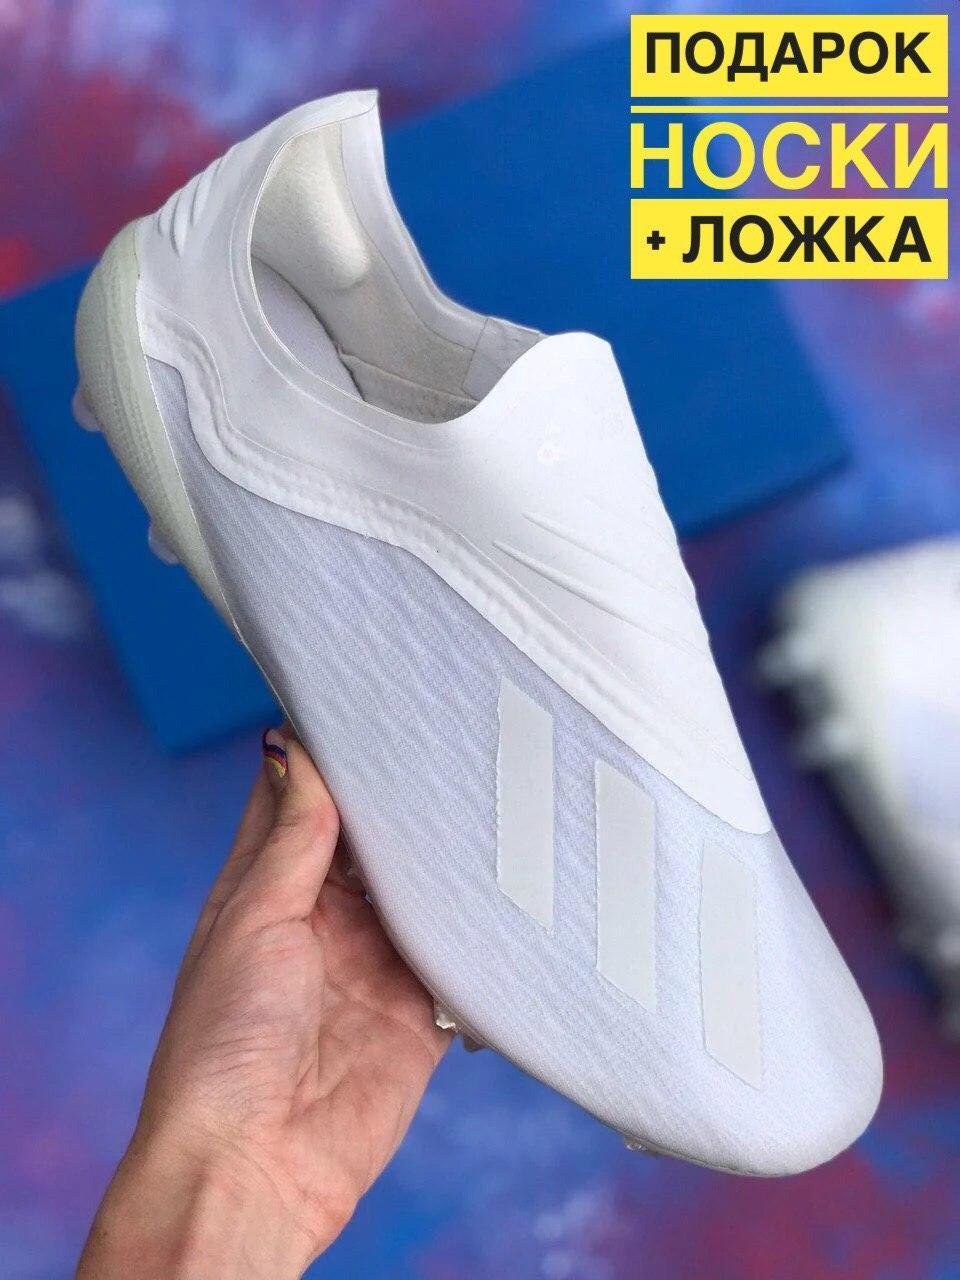 Бутсы Adidas X 18.1/ футбольная обувь без шнурков